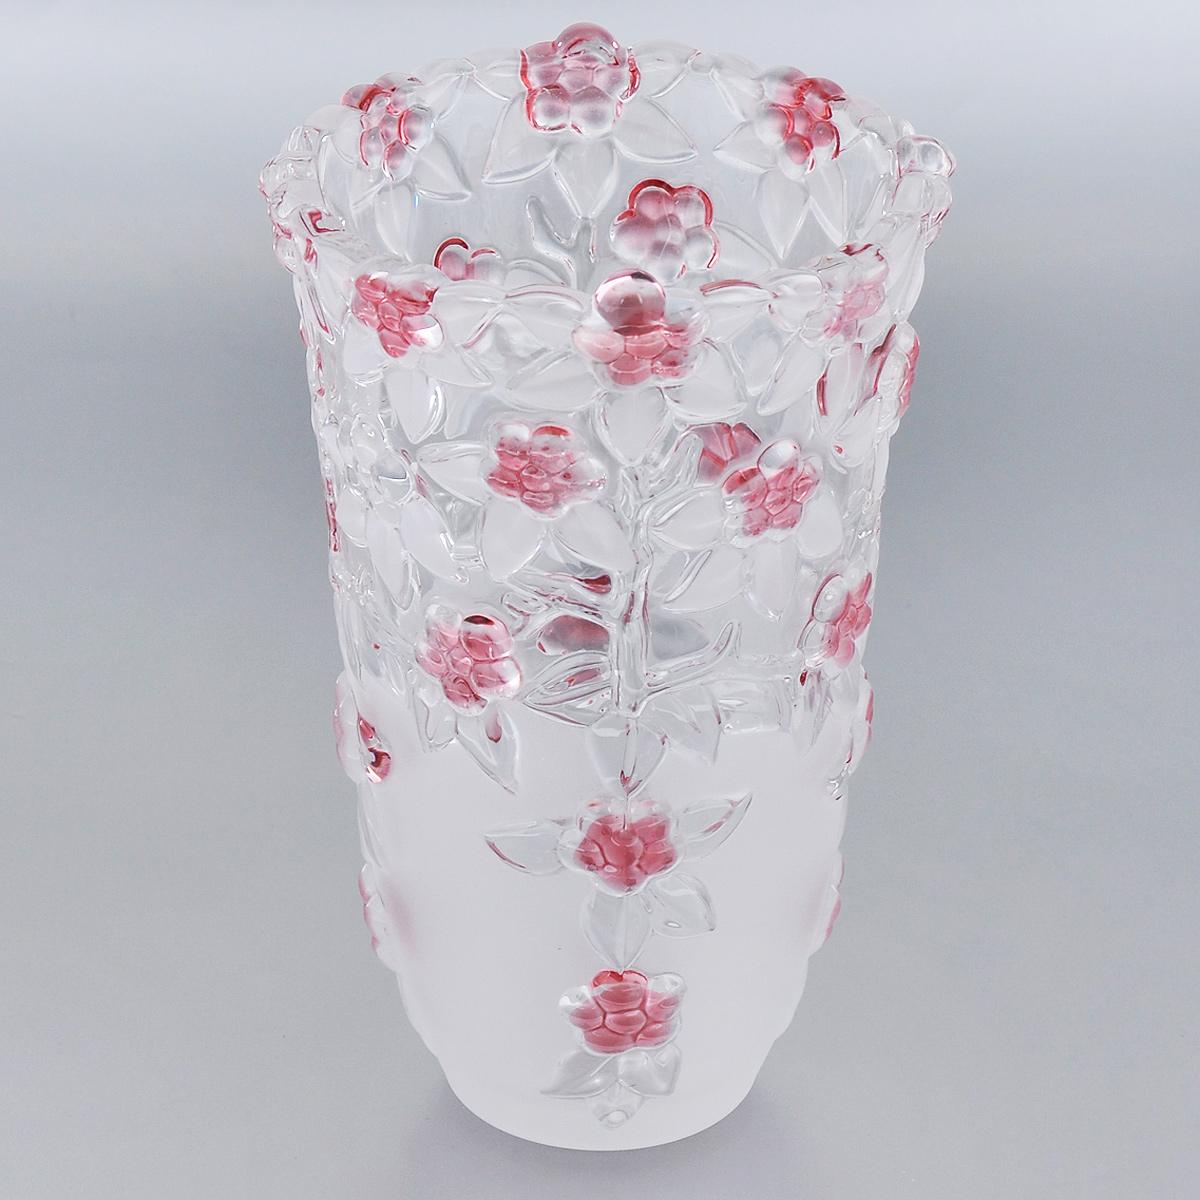 Ваза Walther-Glas Carmen, высота 24 см1137Ваза Walther-Glas Carmen, выполненная из высококачественного толстого стекла, декорирована сочетанием матовой и прозрачной поверхностей и рельефным изображением цветов. Ваза оснащена волнистыми краями, что делает ее изящным украшением интерьера. Она красиво переливается и излучает приятный блеск. Ваза Walther-Glas Carmen дополнит интерьер офиса или дома и станет желанным и стильным подарком.